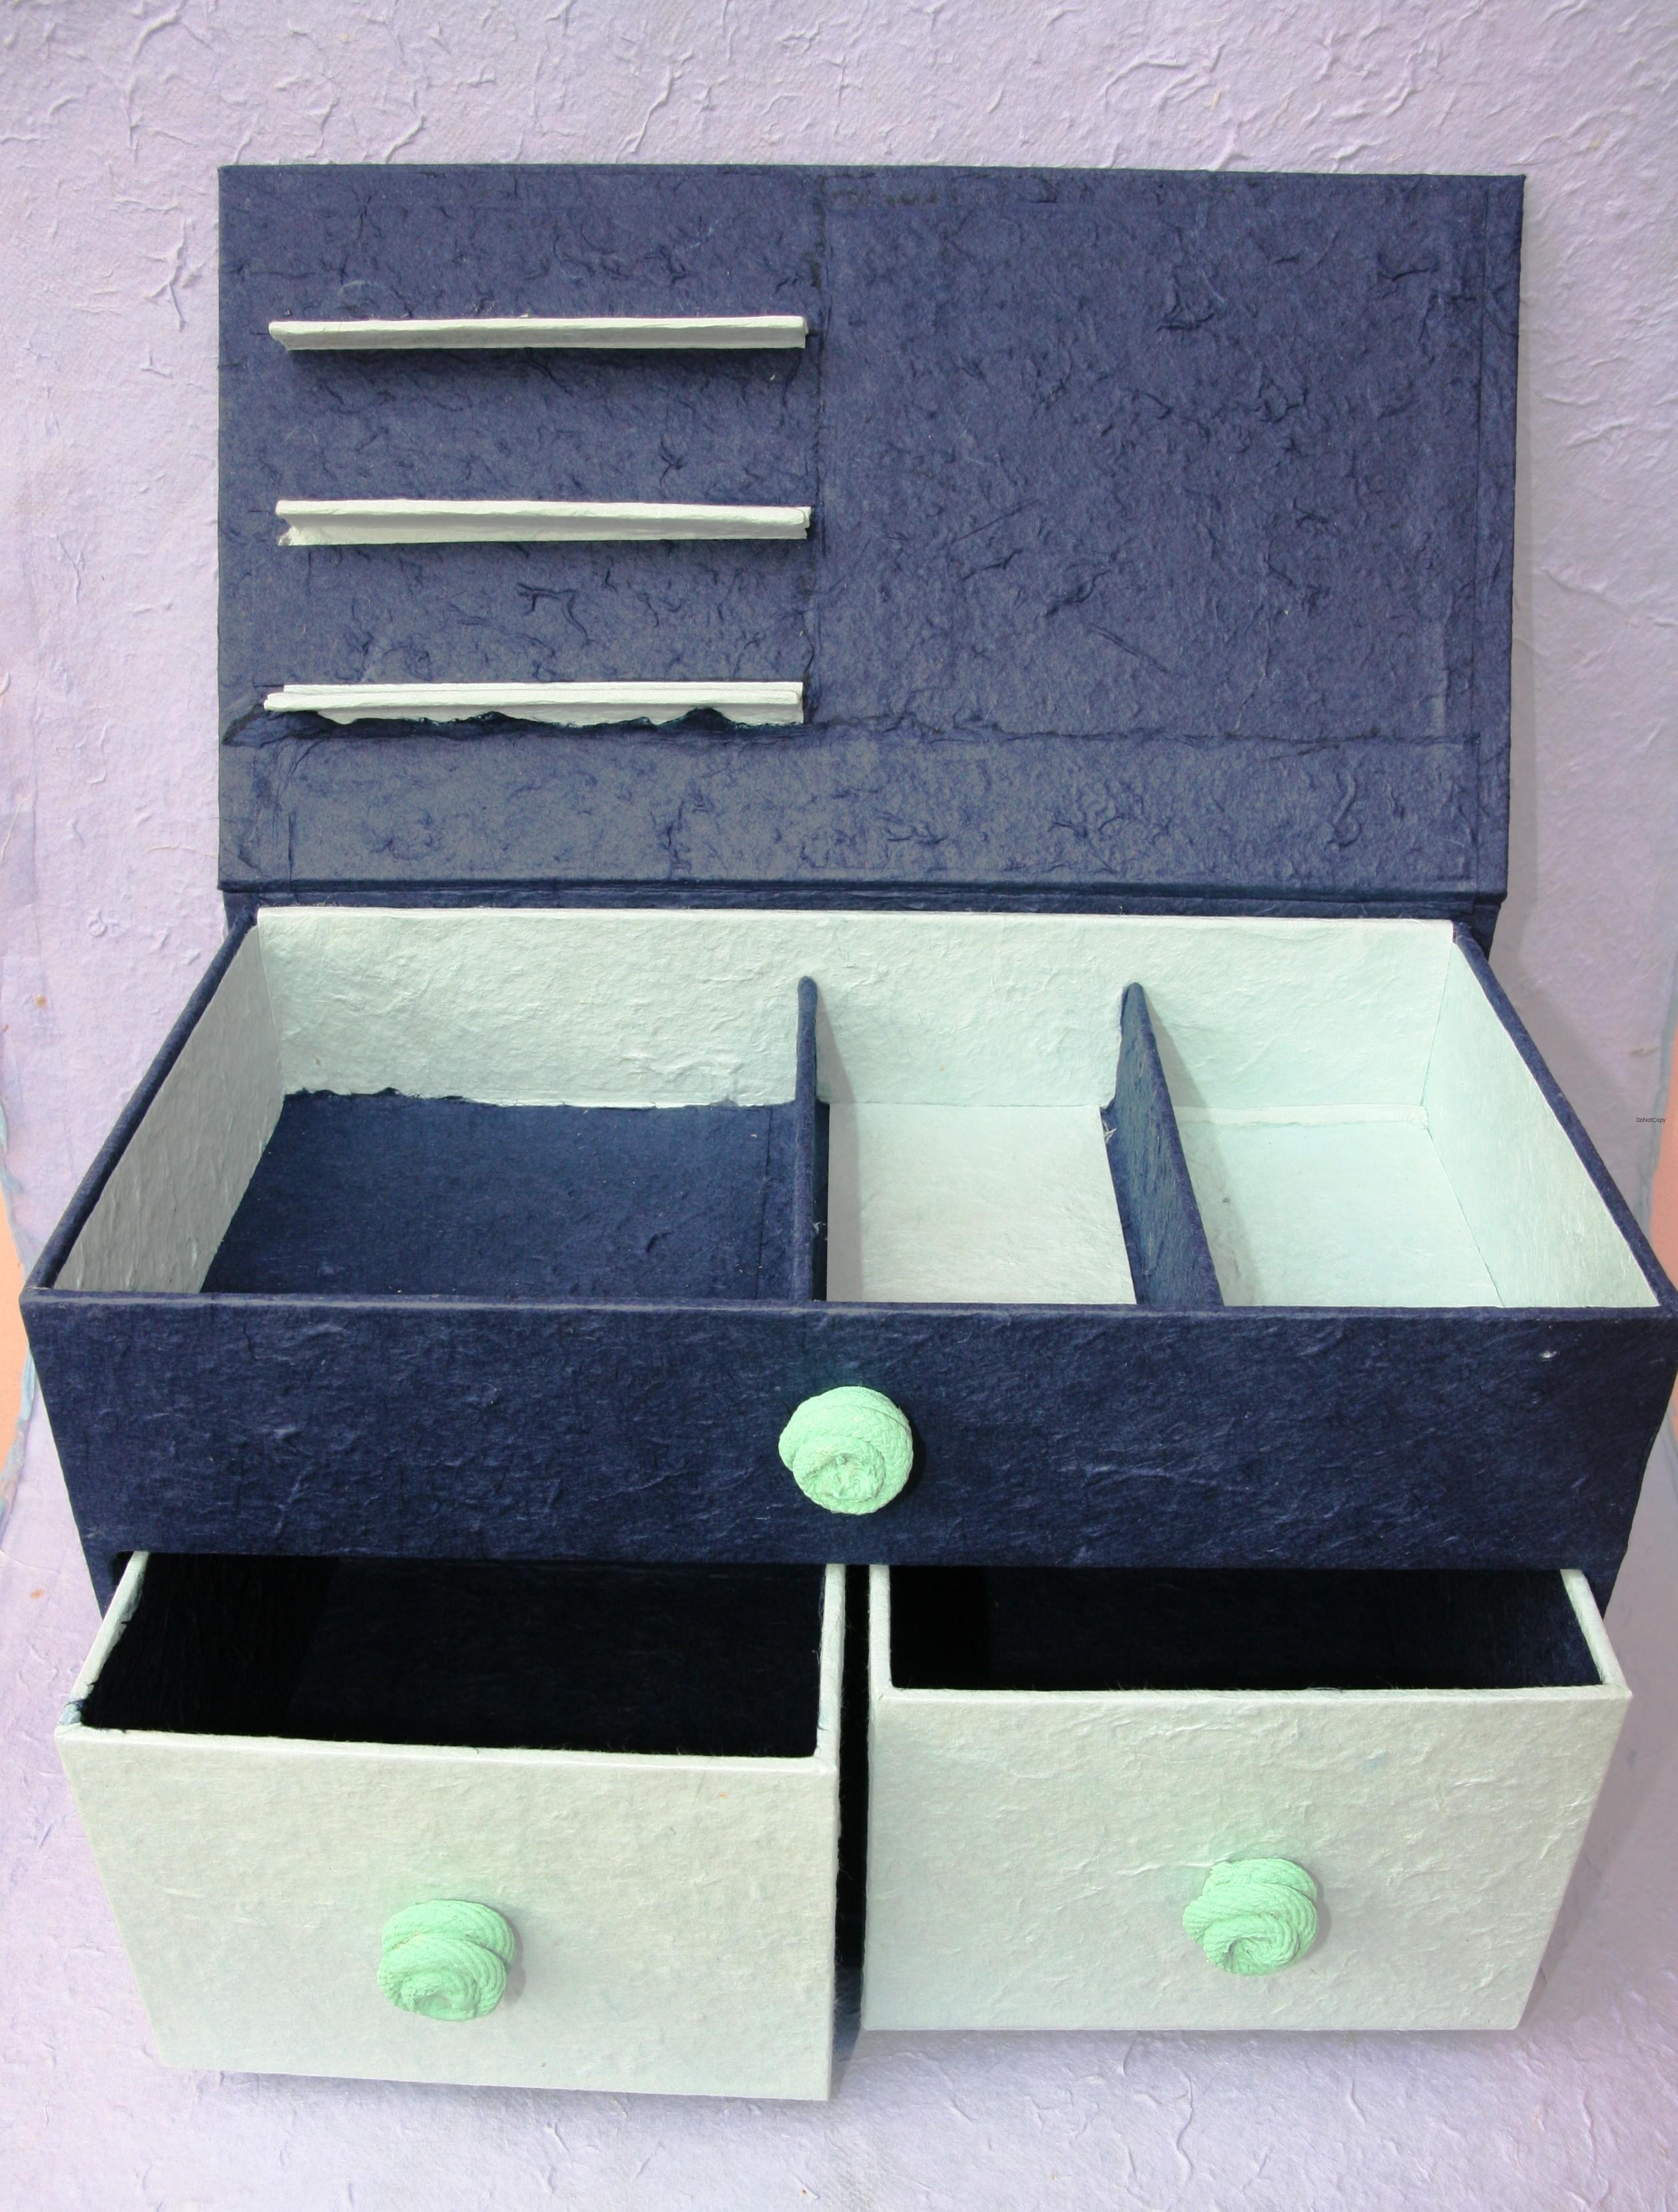 Mini Cassettiera Fai Da Te complementi d'arredo archivi - l'insolita scatola